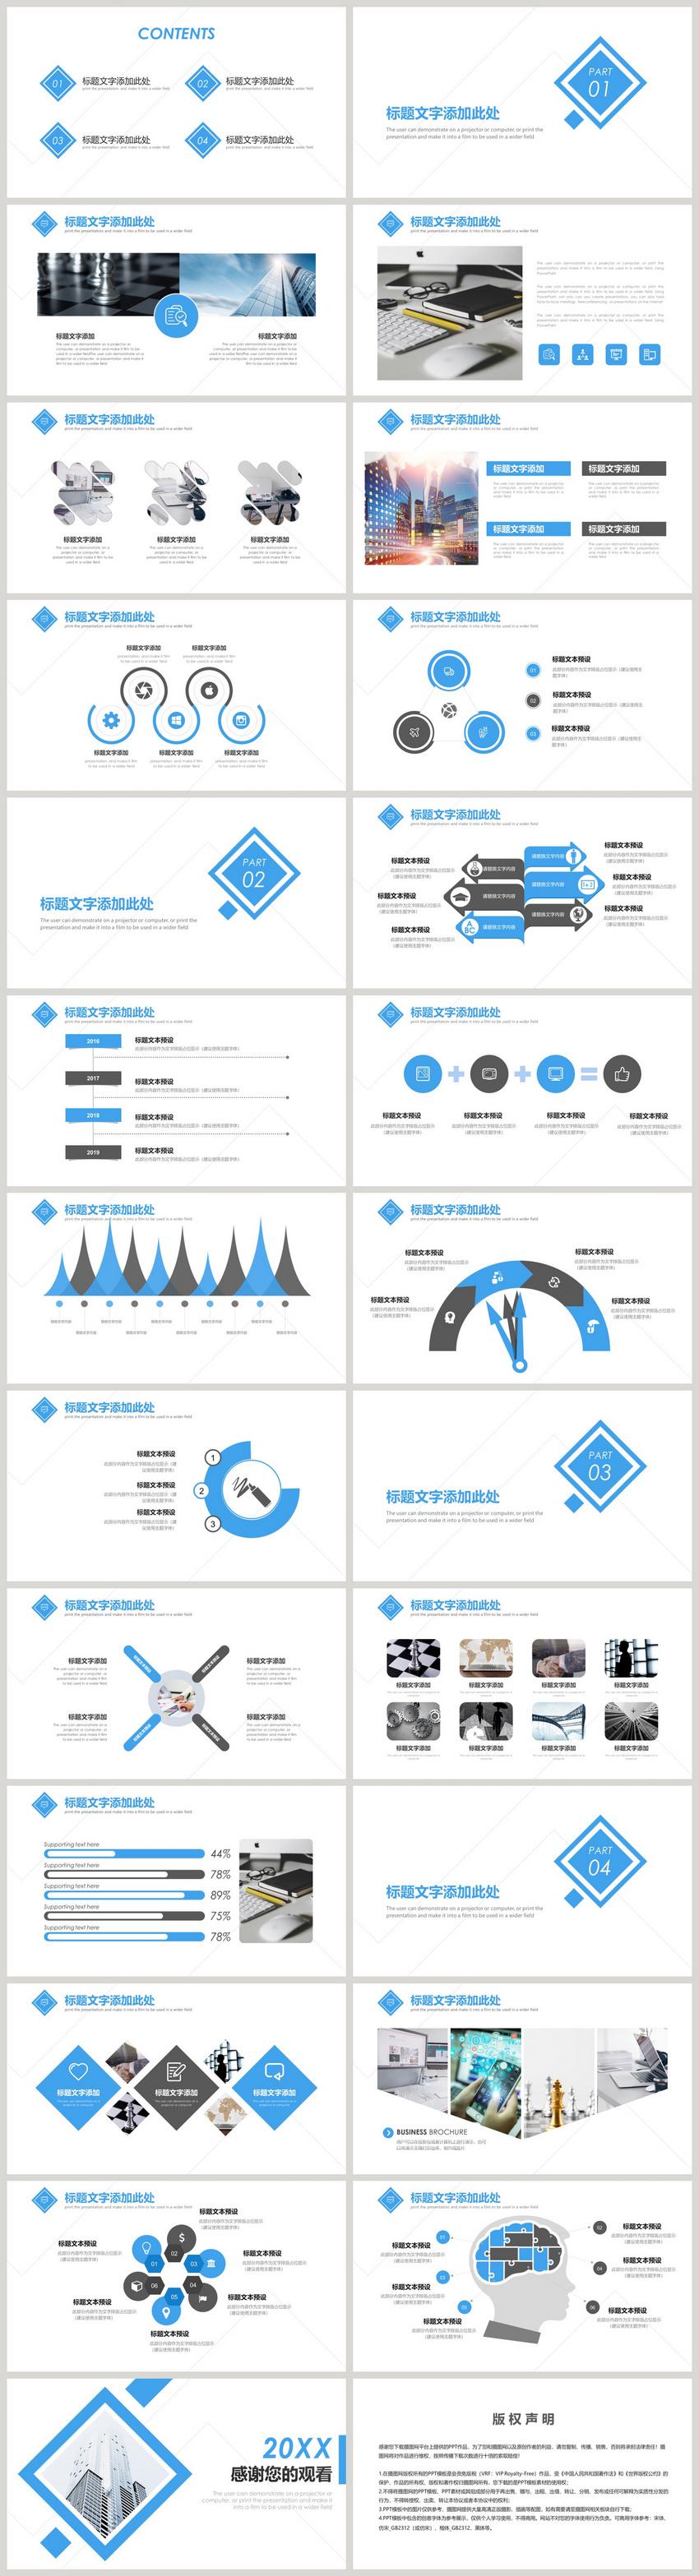 蓝色商务工作总结报告PPT模板图片